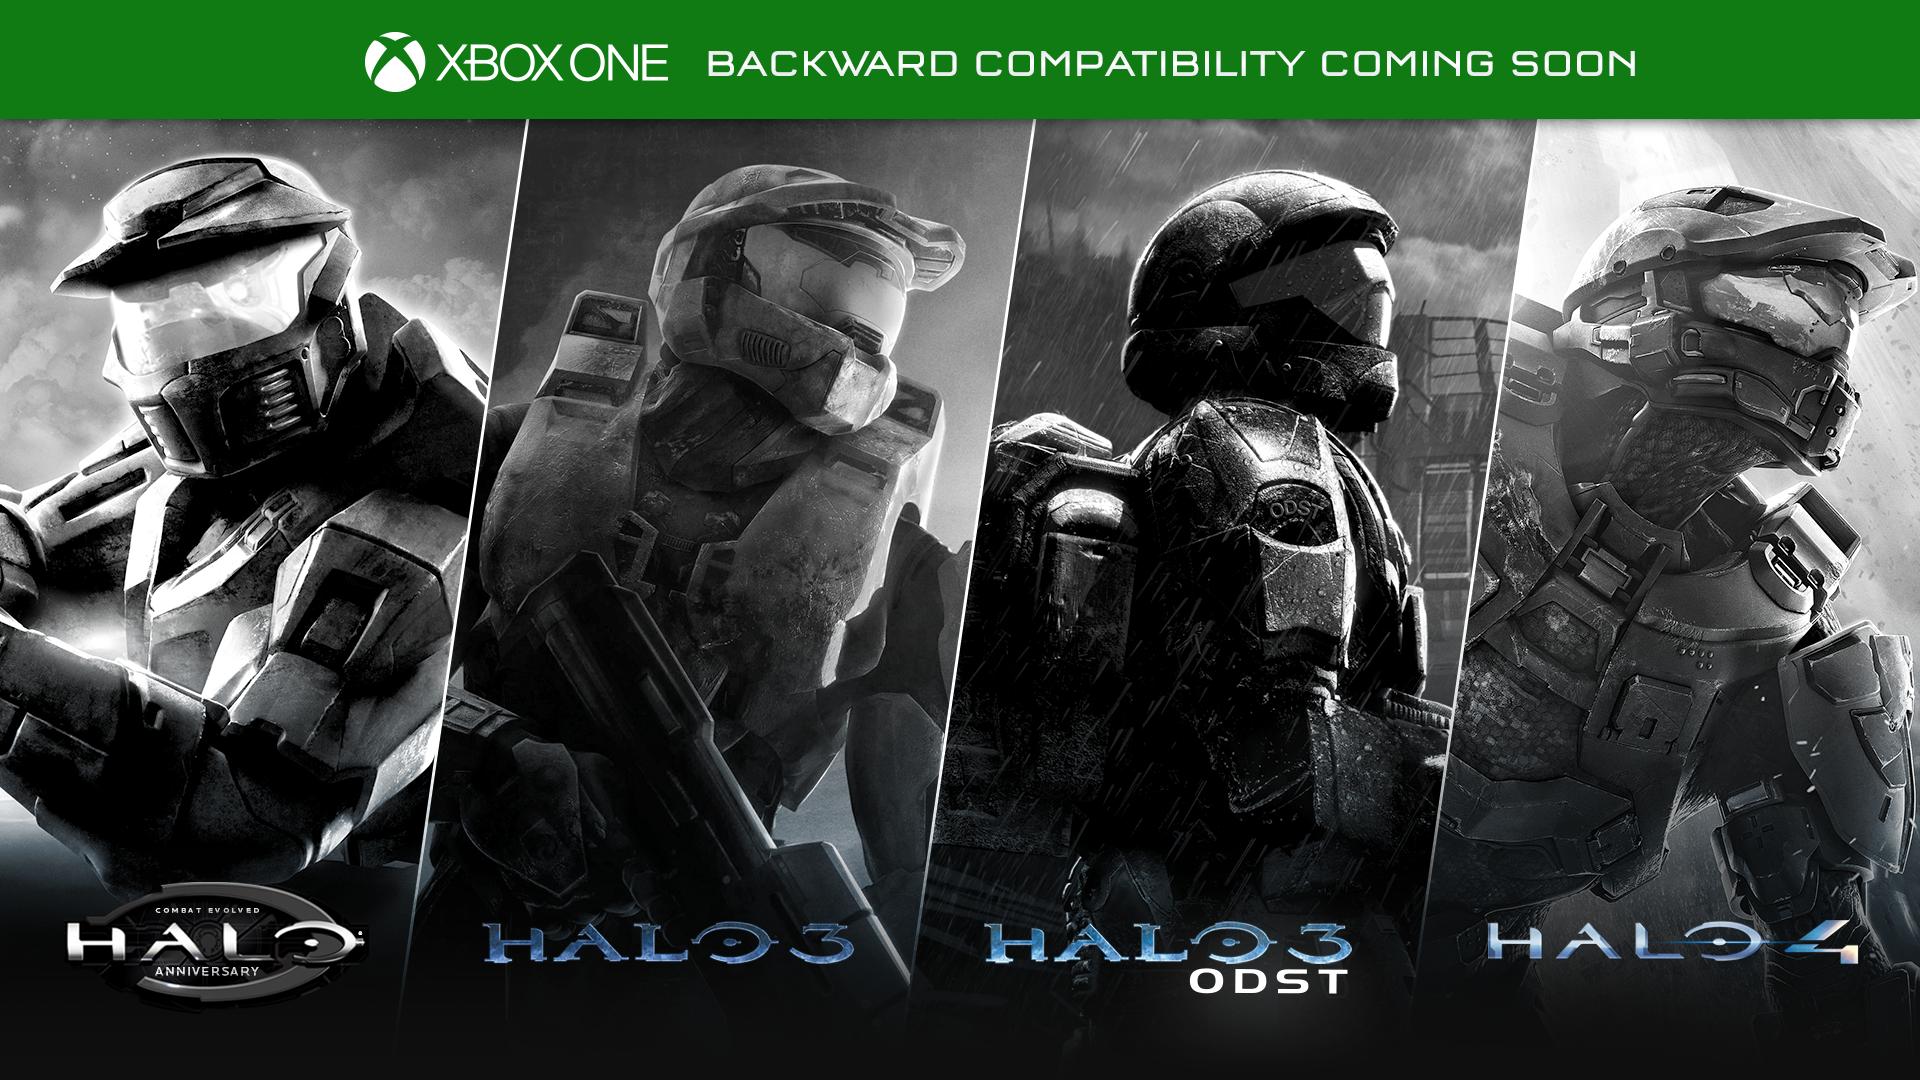 Halo Backwards